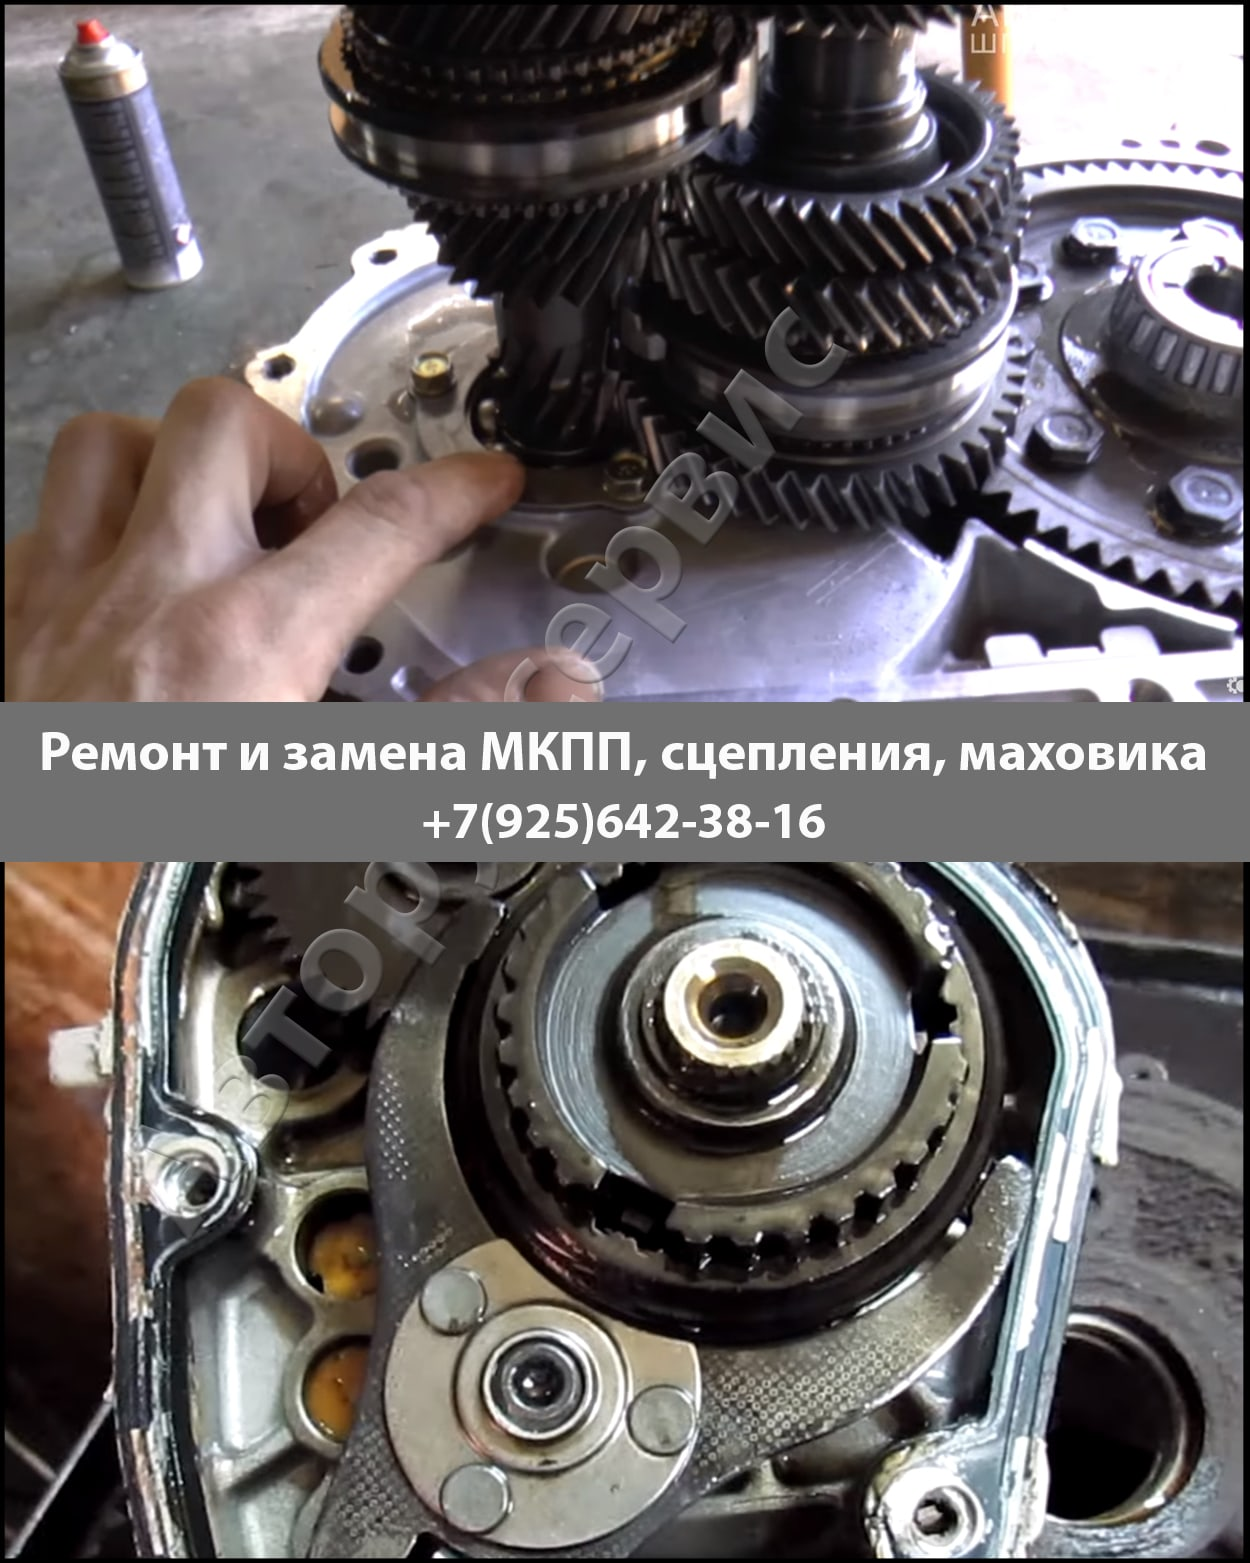 фото ремонта МКПП Isuzu D-Max Rodeo